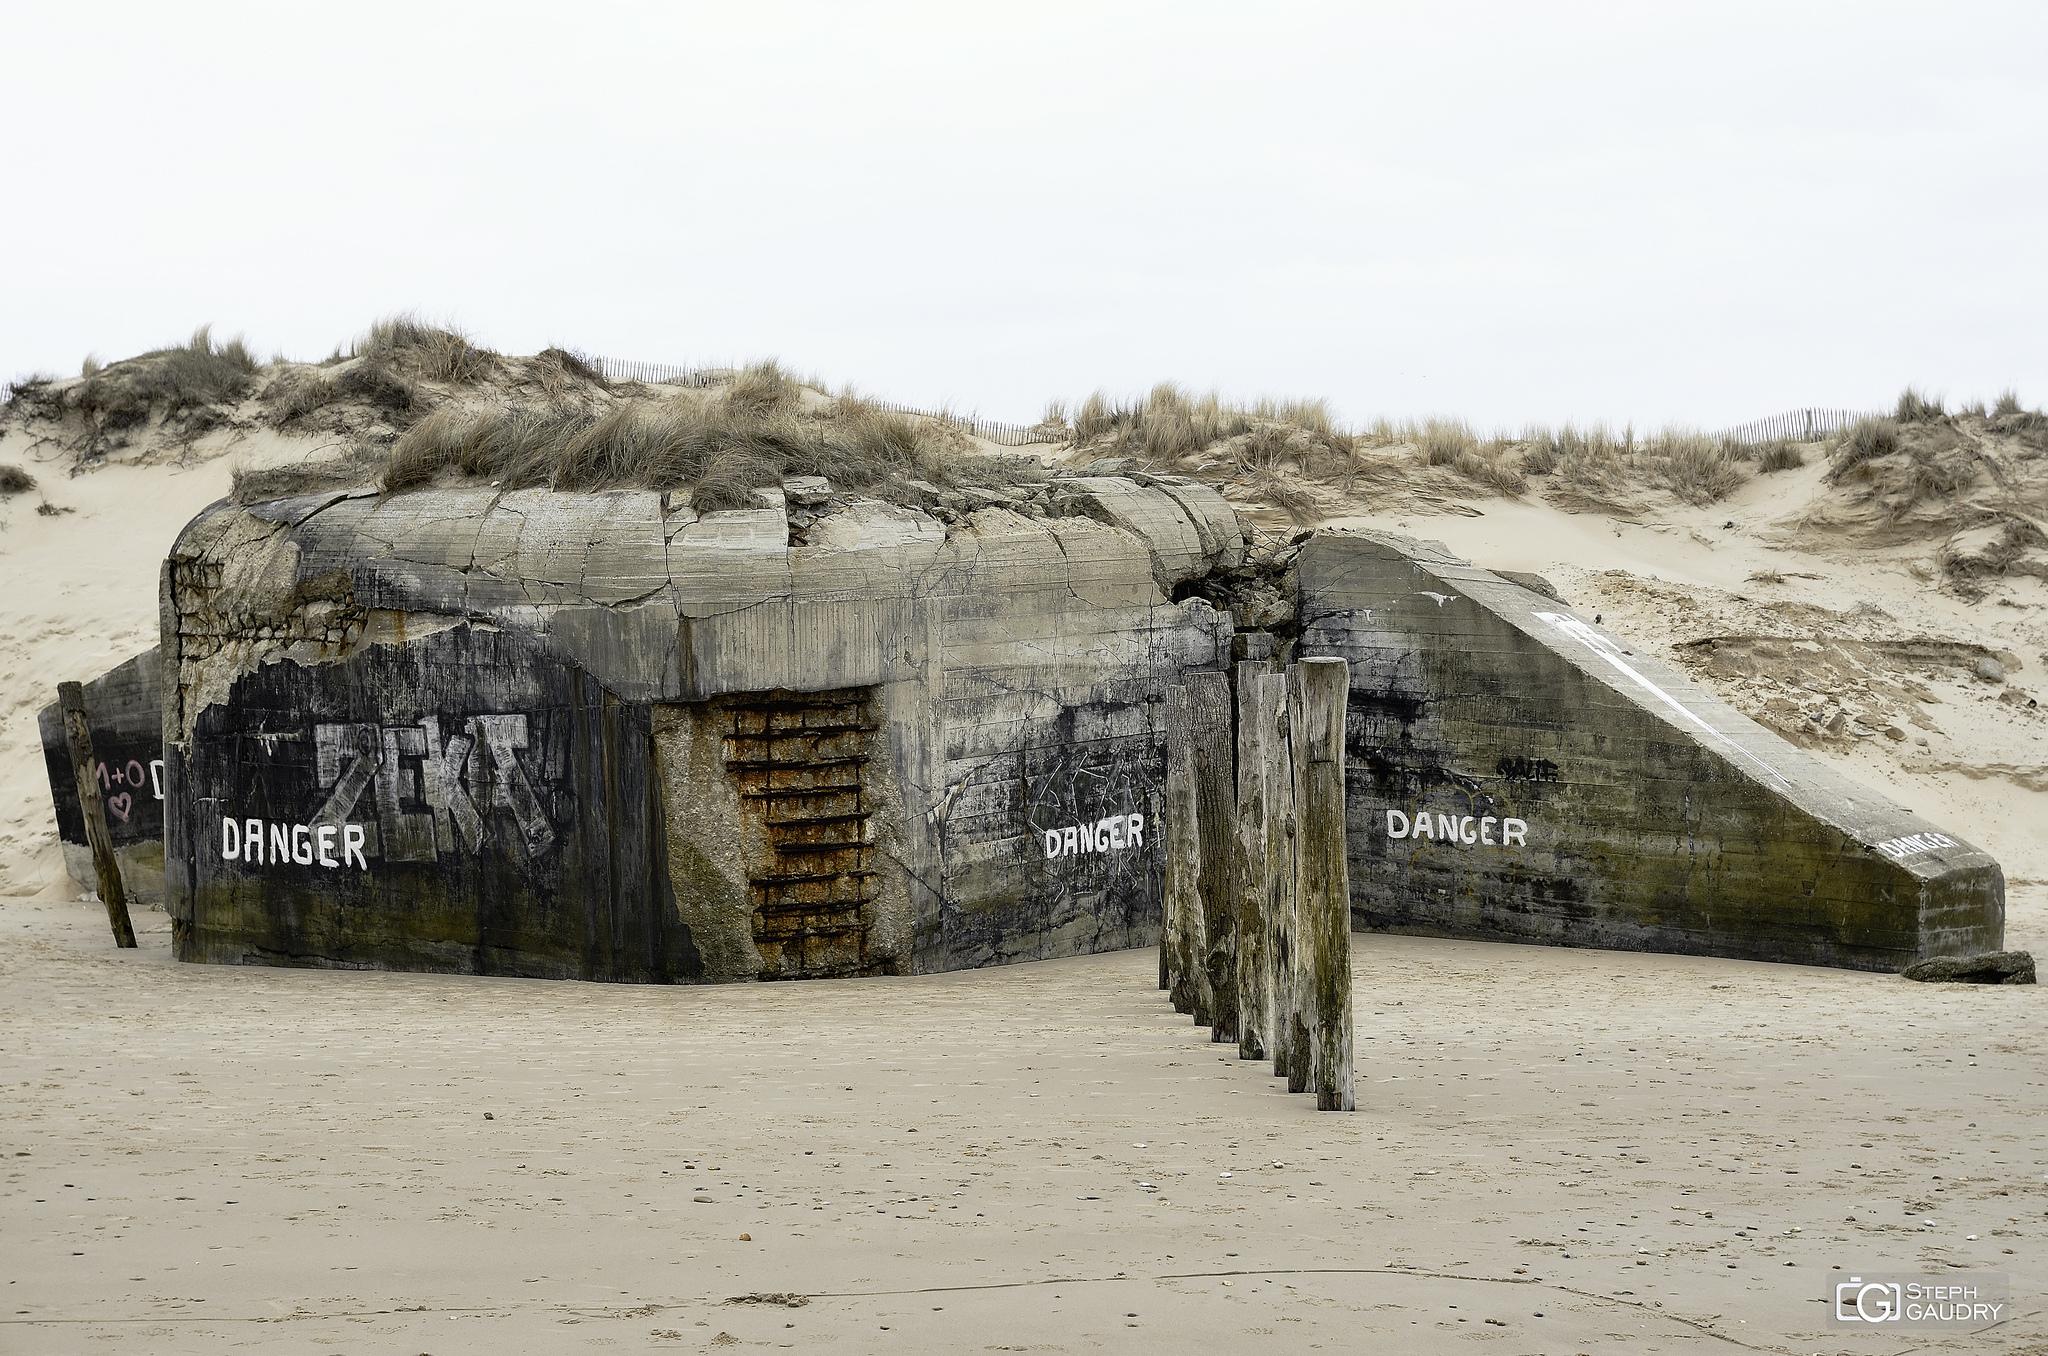 Stp Pommern - R501 group shelter [Click to start slideshow]